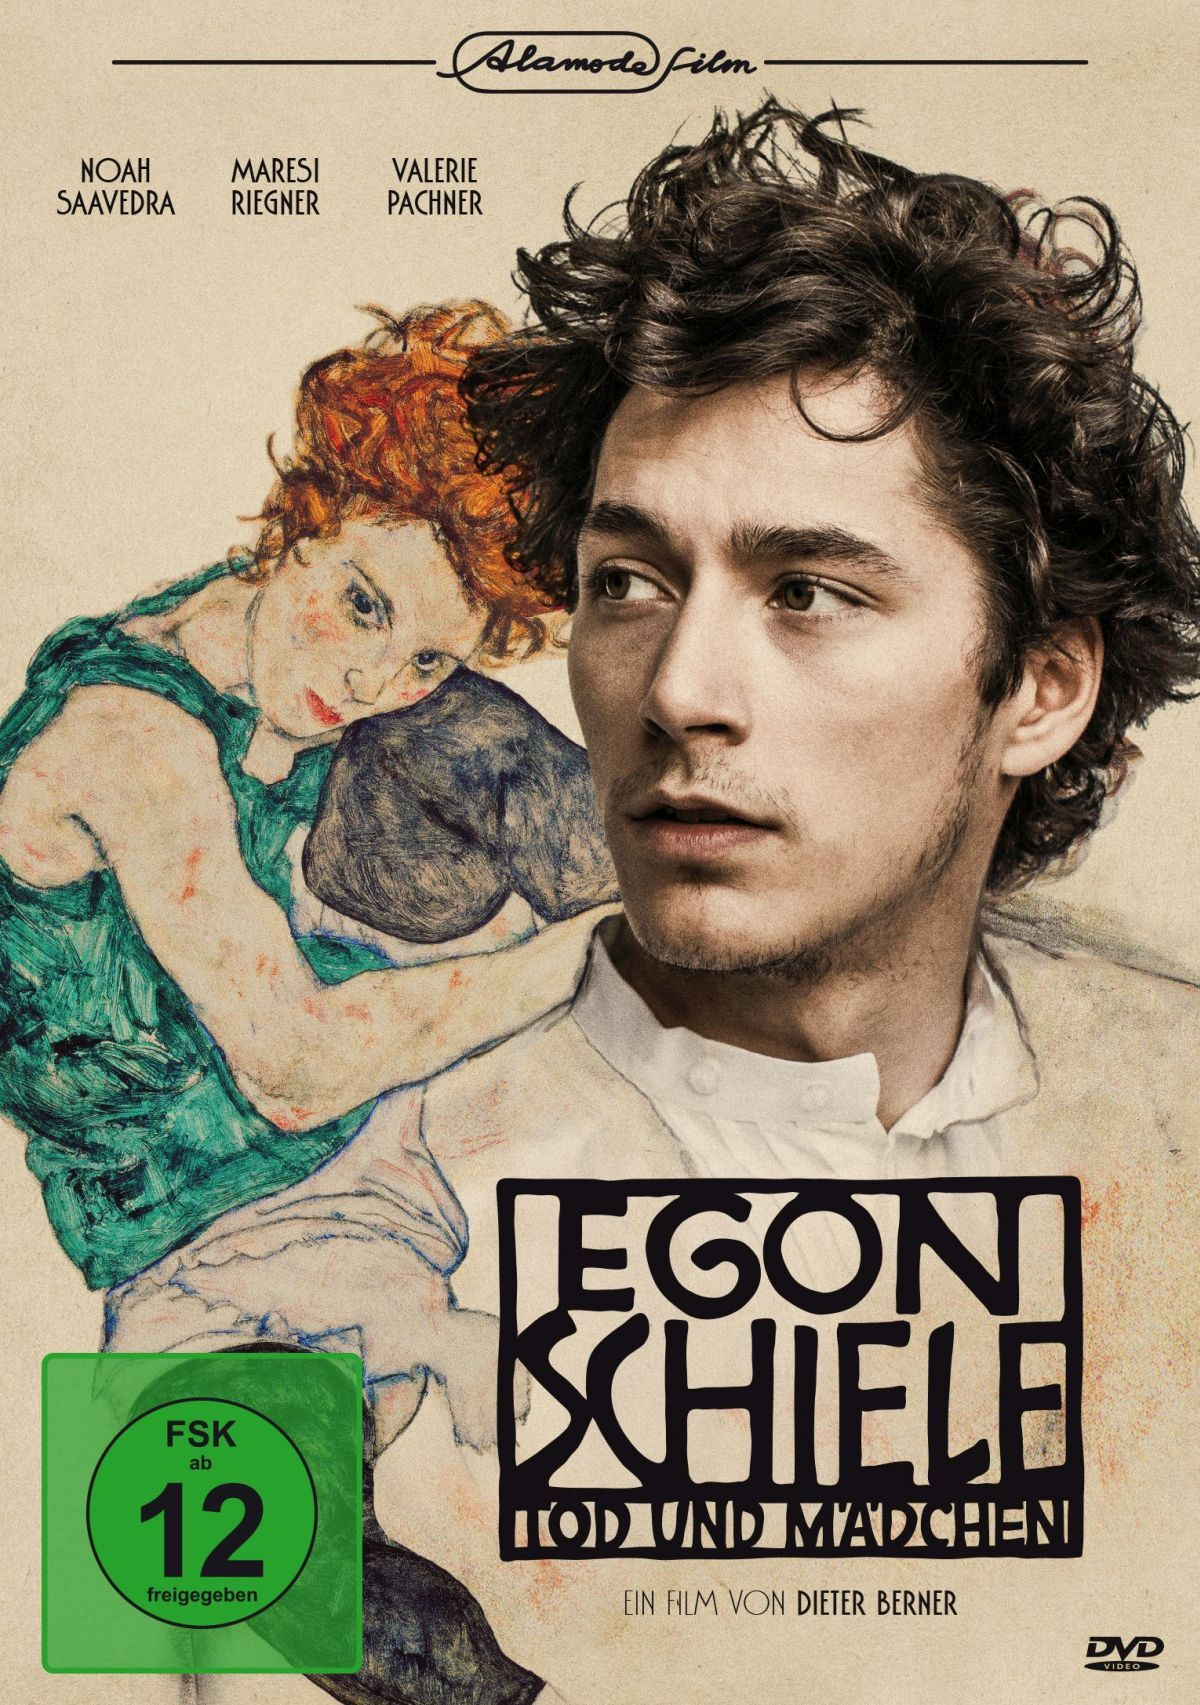 Image of Egon Schiele - Tod und Mädchen